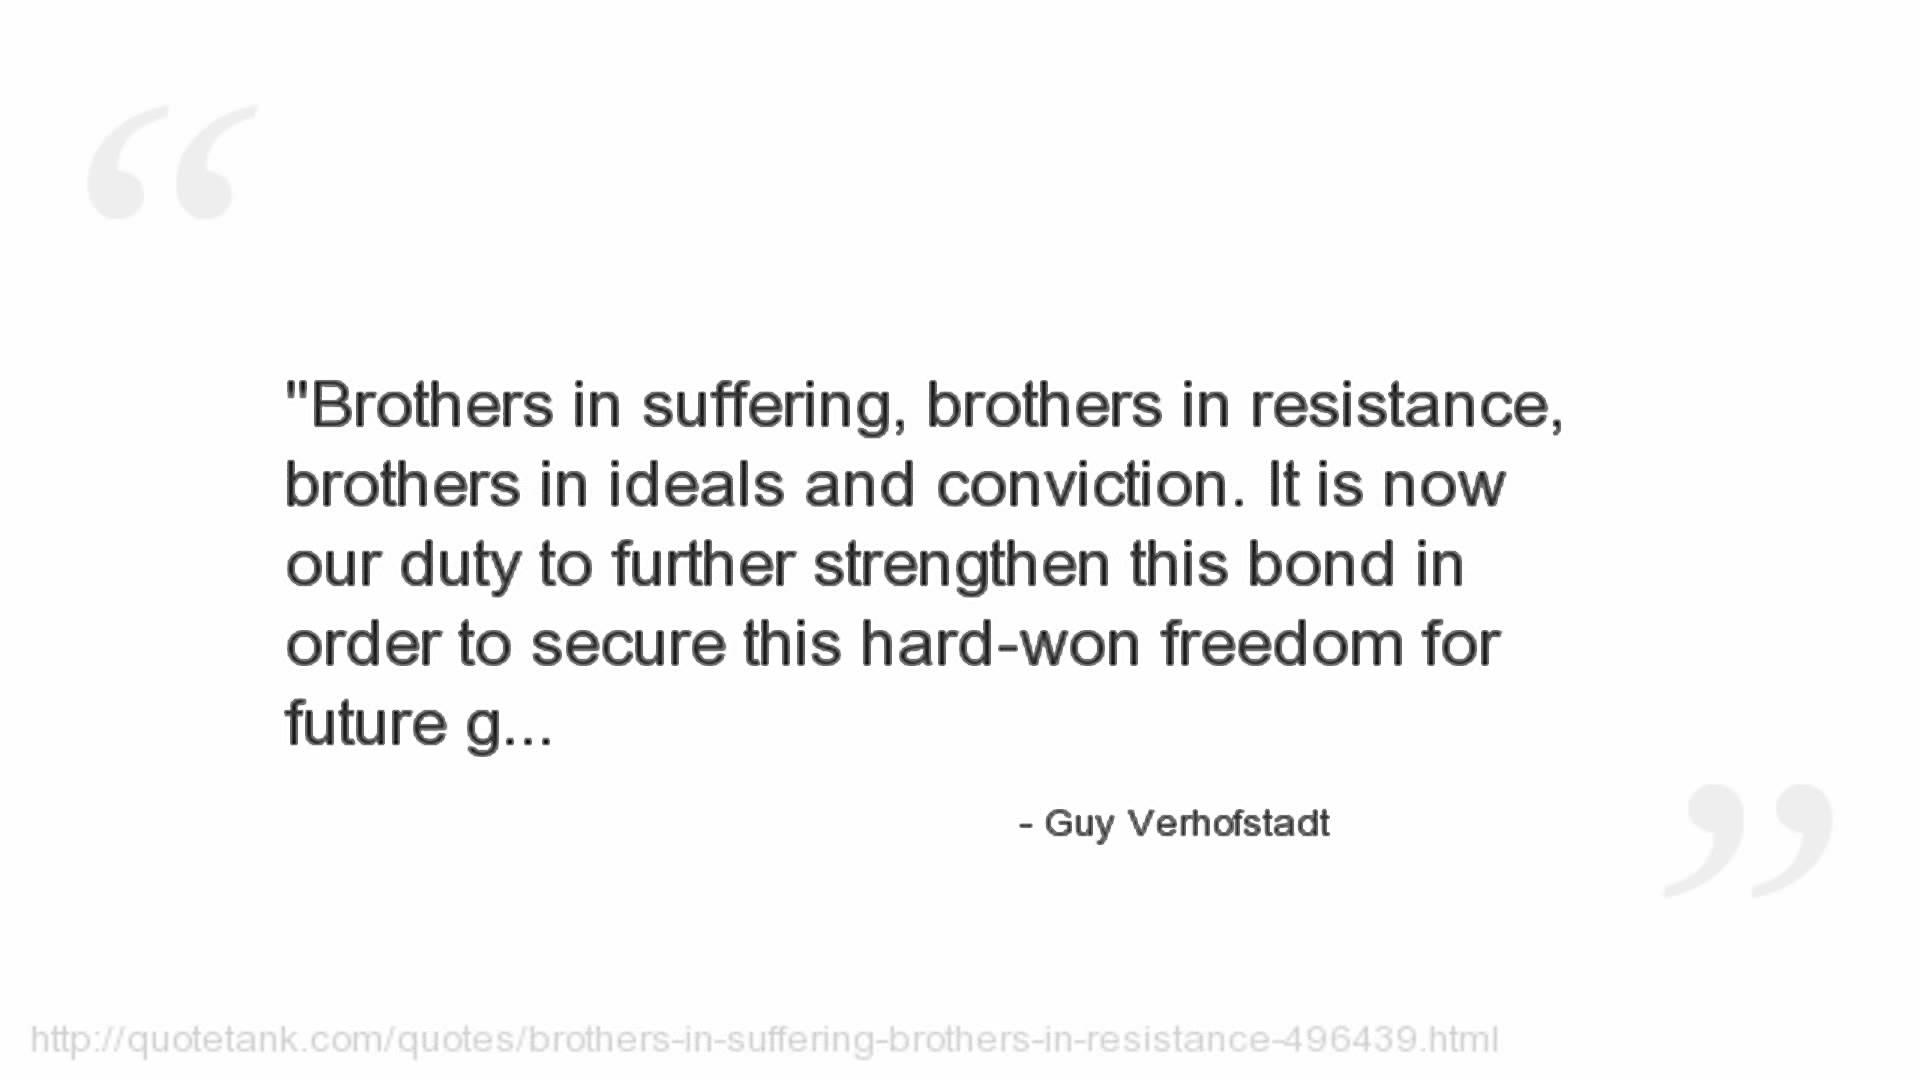 Guy Verhofstadt's quote #1